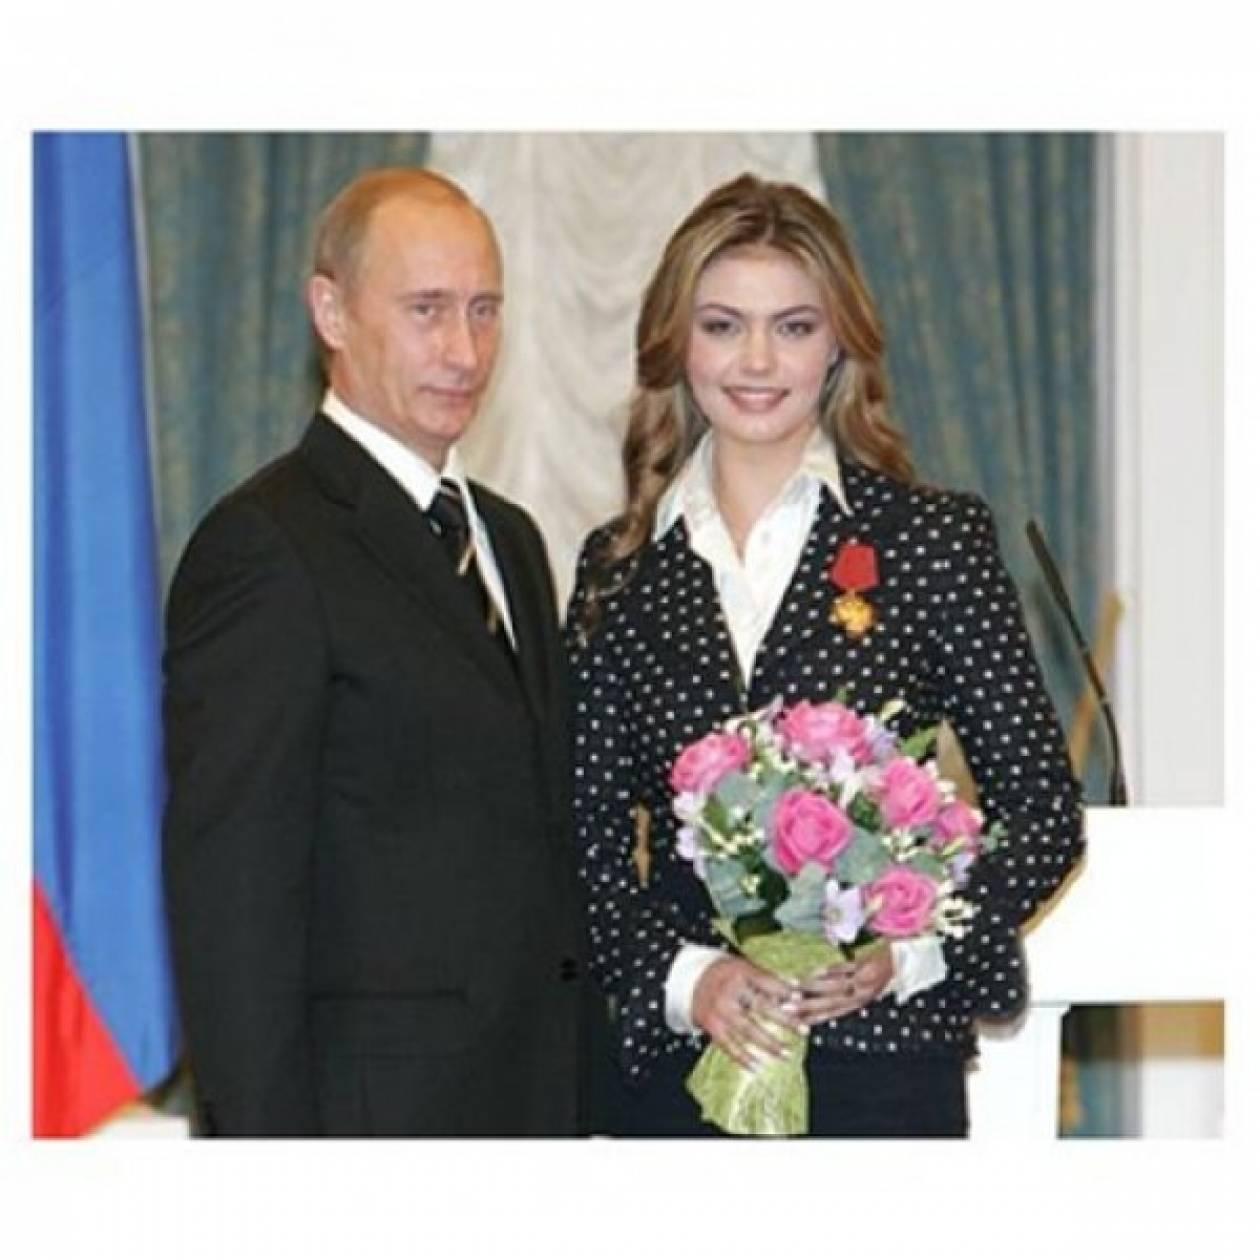 Τελικά η Alina Kabayeva παντρεύτηκε κρυφά τον Vladimir Putin;